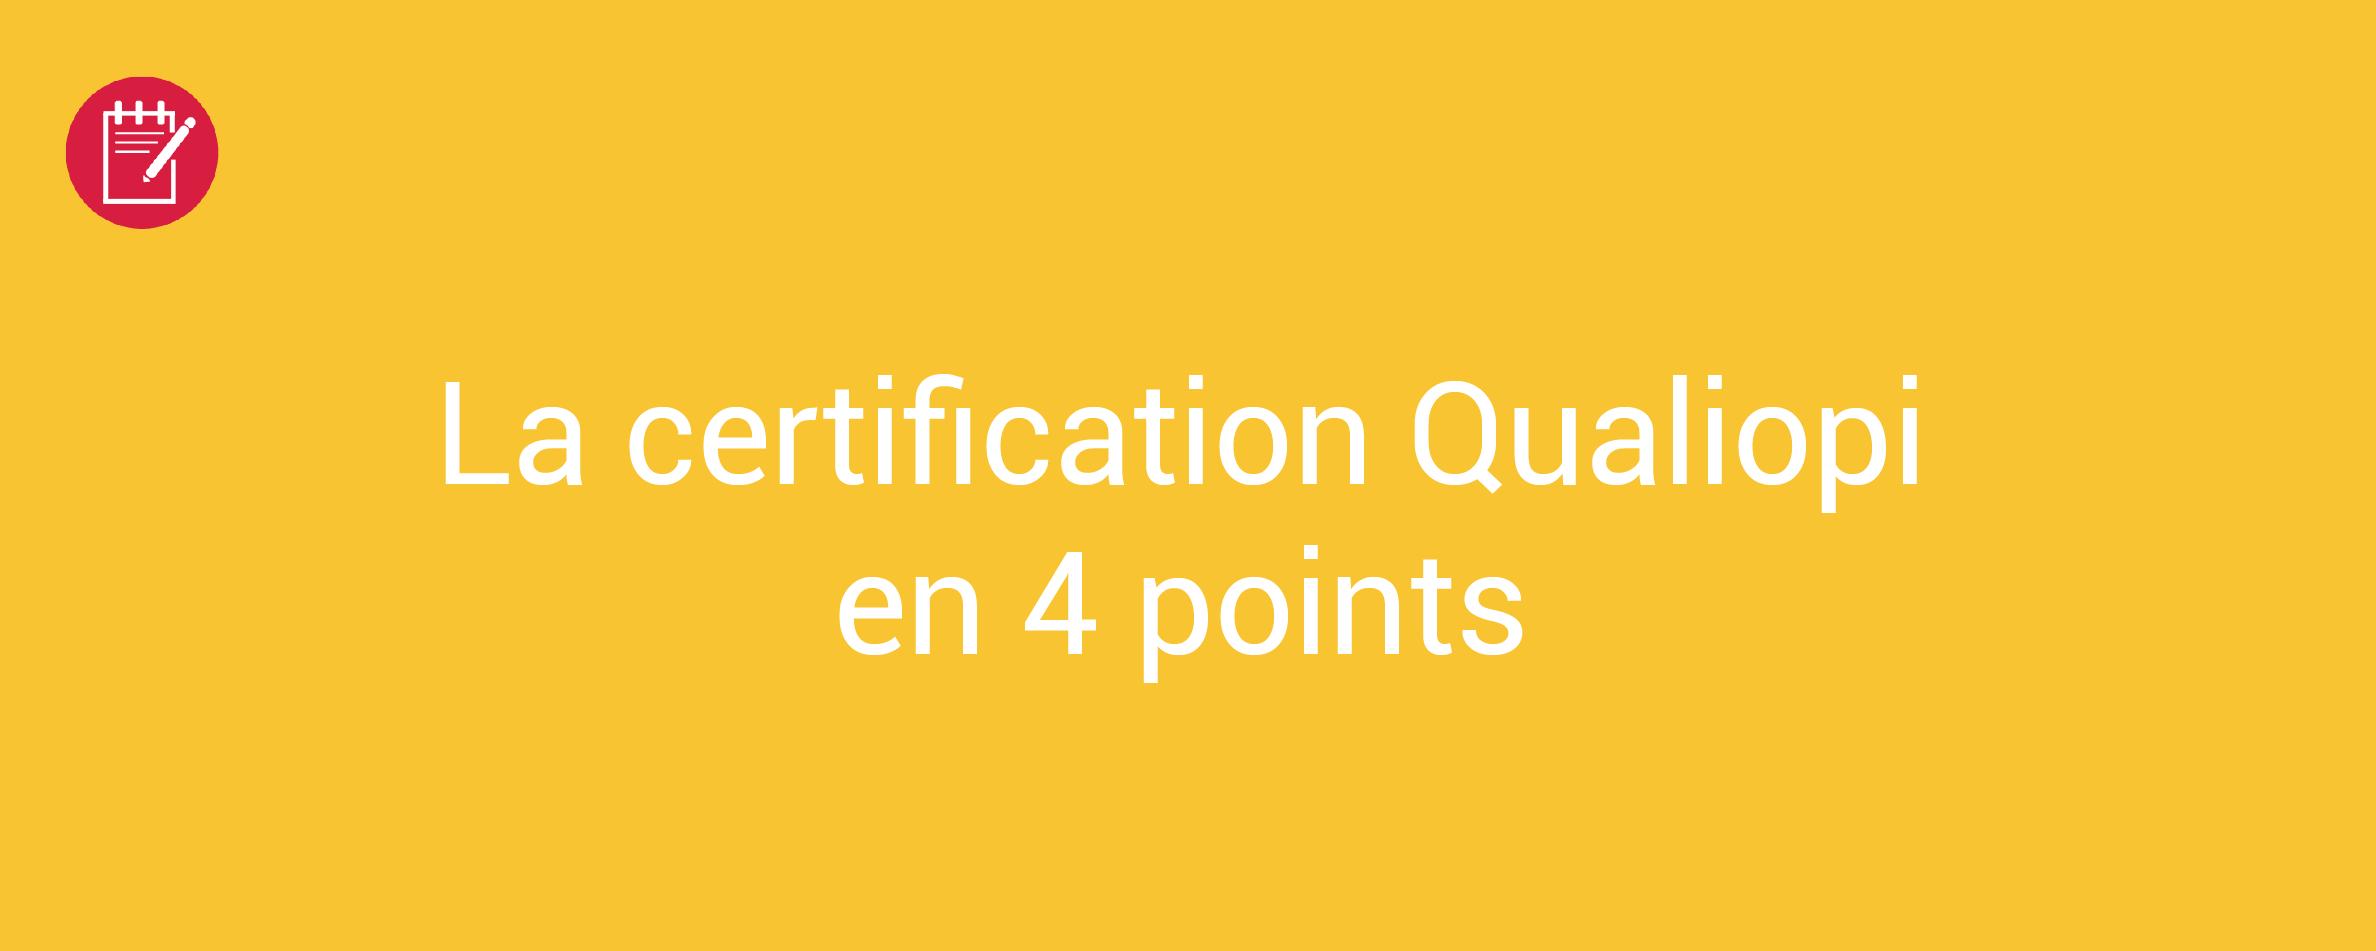 La certification Qualiopi en 4 points